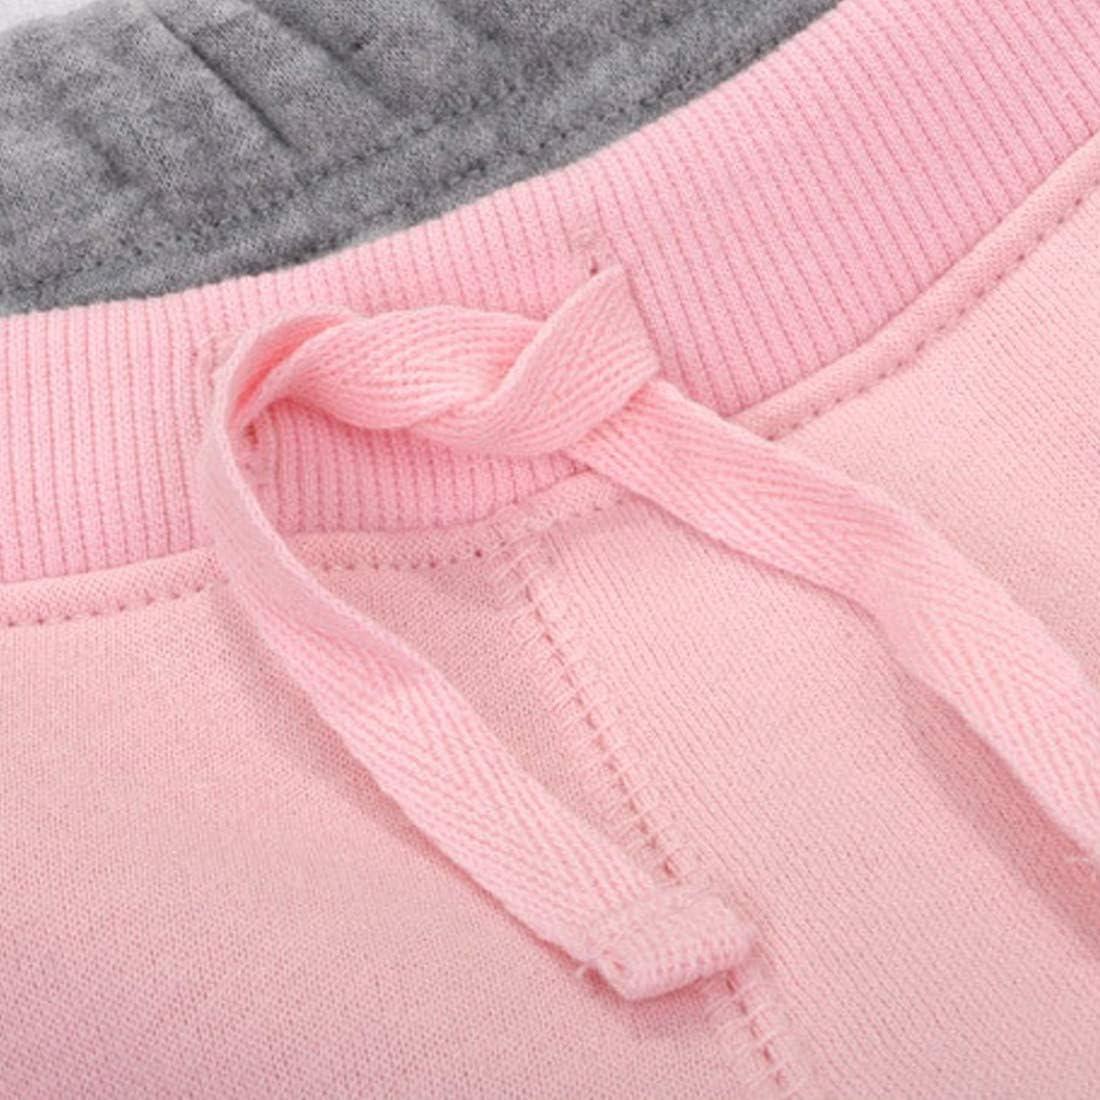 PAUBOLI Baby Fleece Pants Boys Girls Fleece Lined Sweatpants Jogger Pants